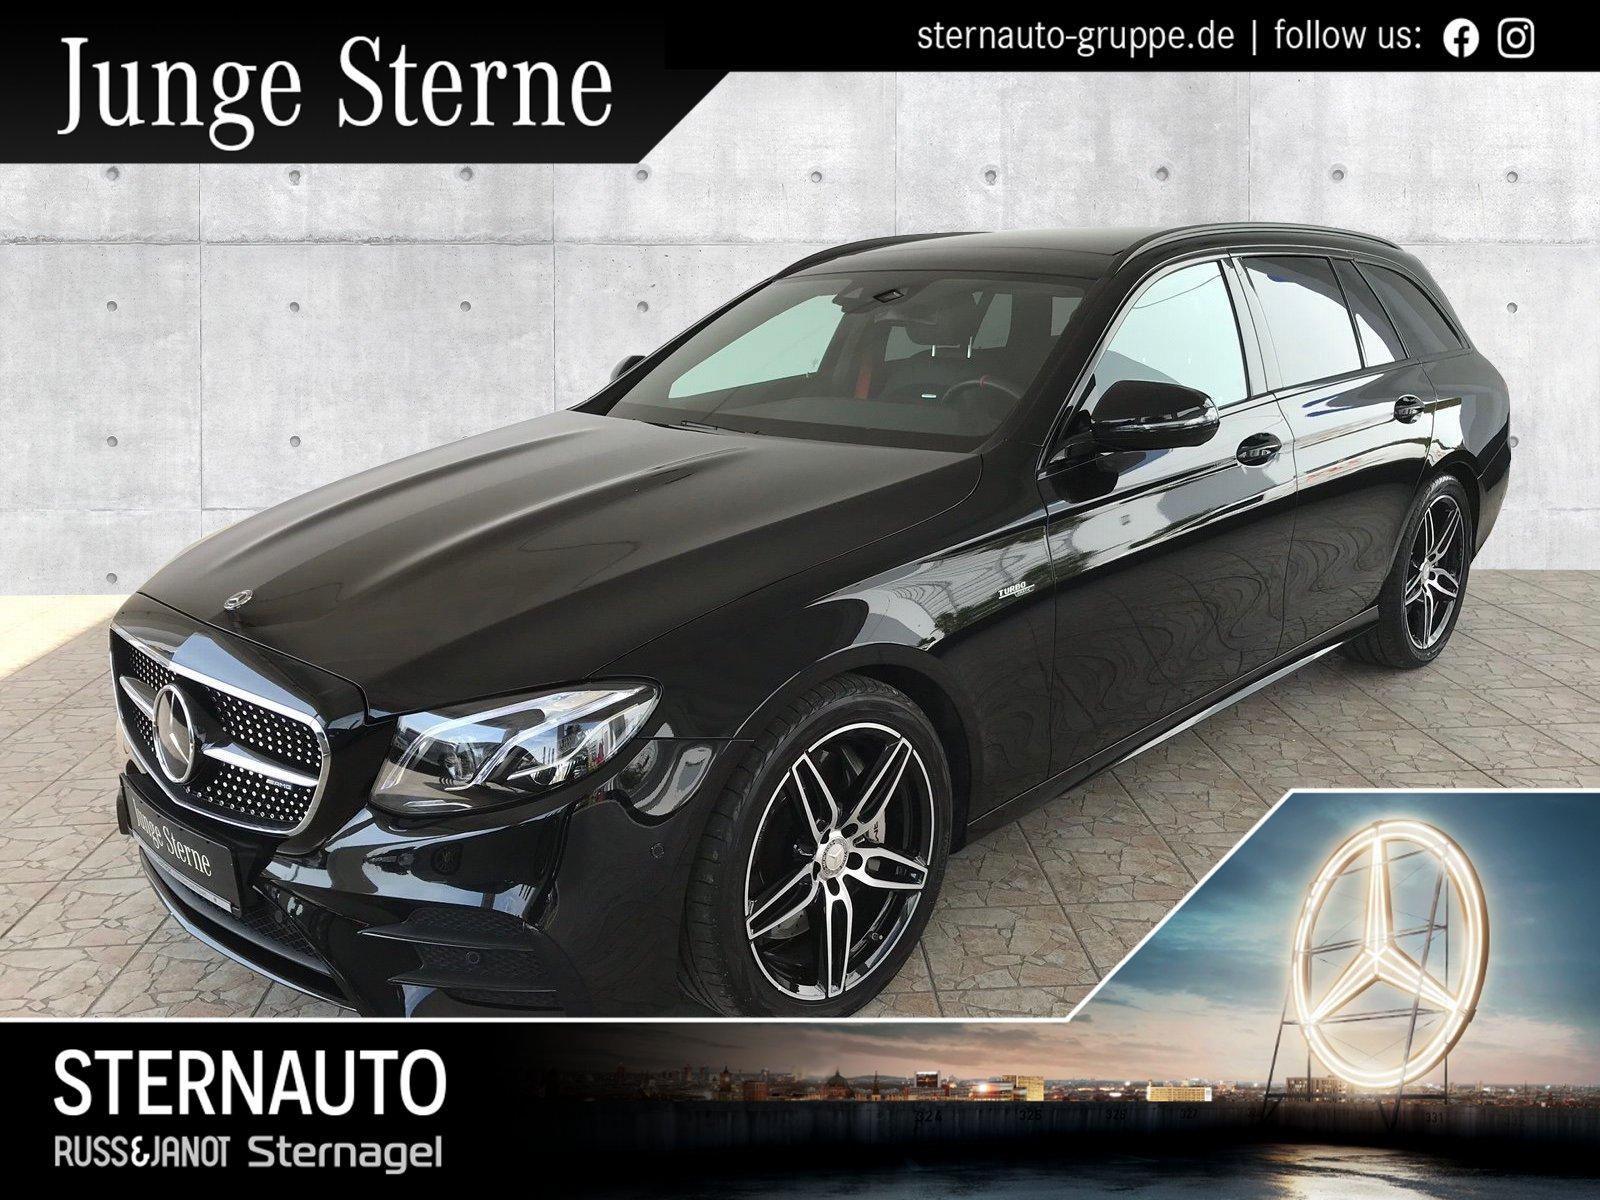 Mercedes-Benz E 53 AMG 4M+ T COMAND/Pano.-Dach/Distronic/AHK, Jahr 2018, Benzin